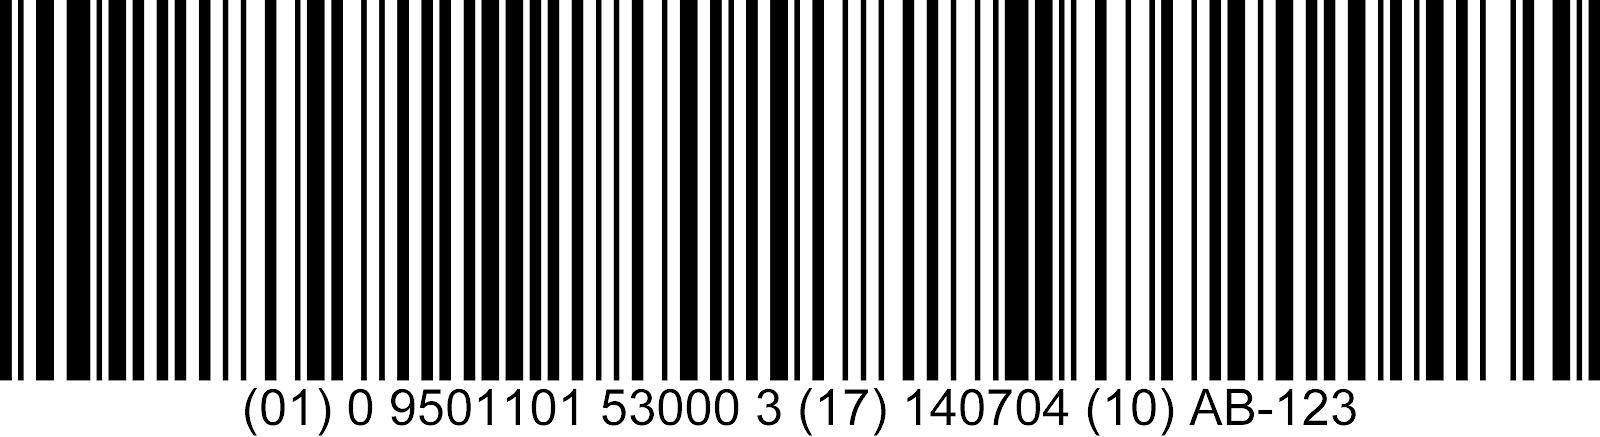 mã vạch hàng Trung Quốc